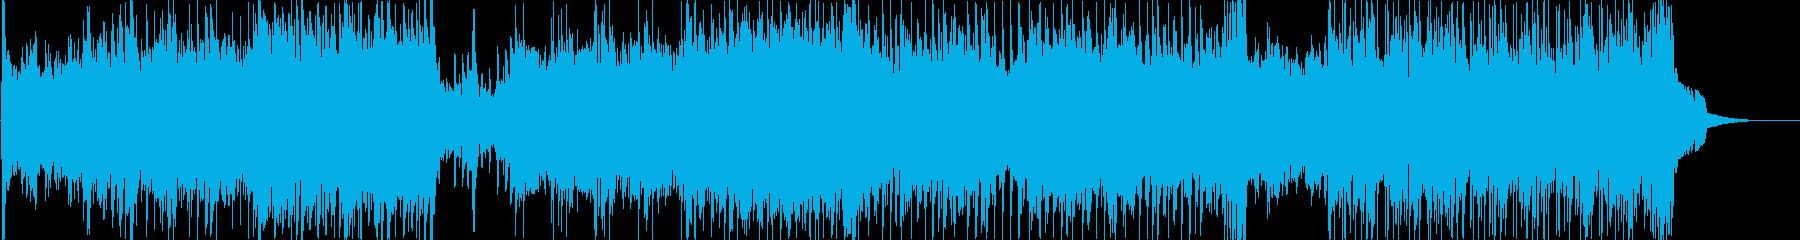 ダーティーなロック調の戦闘用BGMの再生済みの波形